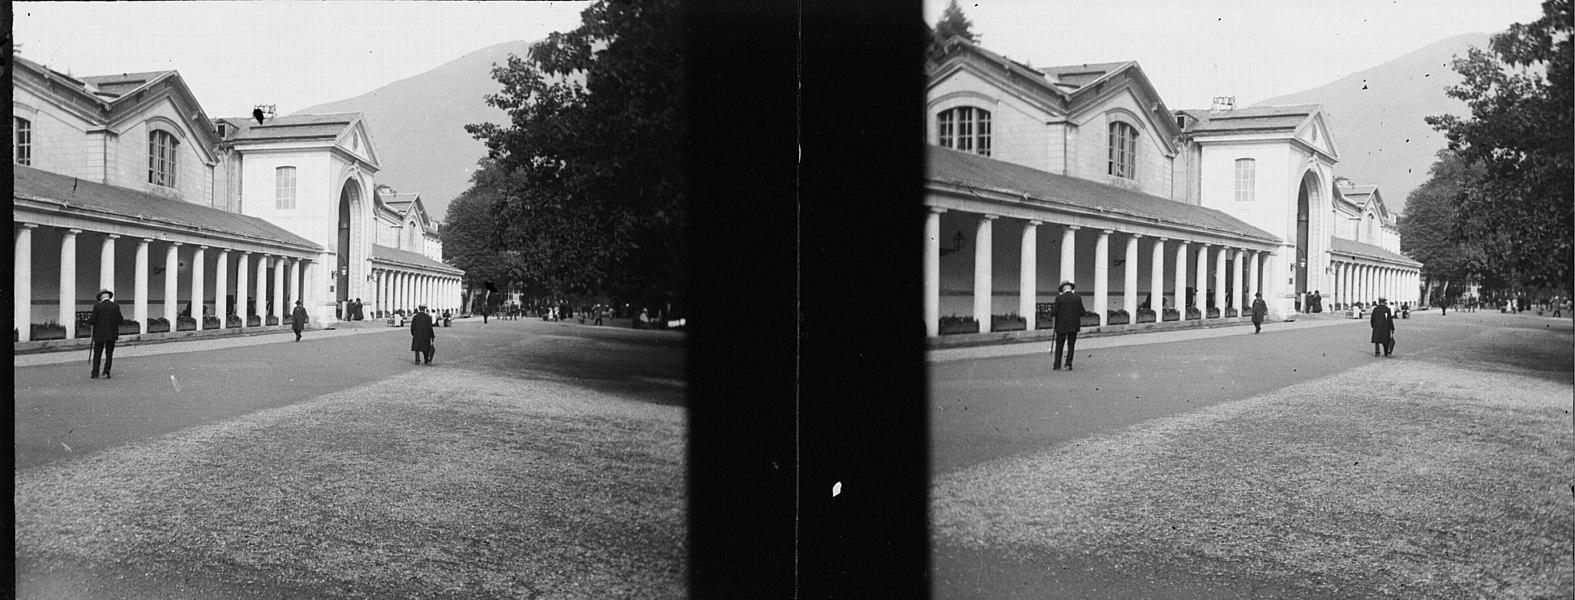 Fonds Trutat - Photographie ancienne  Cote: TRU C 99 Localisation: Fonds ancien Original non communicable  Titre: Etablissement thermal, Luchon, 1901  Auteur: Trutat, Eugène Rôle de l'auteur: Photographe  Lieu de création: Bagnères-de-Luchon (Haute-Garonne) Date de création:: 1901  Mesures: 5 x 11 cm  Mot(s)-clé(s):  -- Thermes -- Bâtiment -- Façade -- Galerie -- Colonne -- Portail -- Arche -- Parc (public) -- Allée -- Homme  -- Bagnères-de-Luchon (Haute-Garonne) -- Thermes (Bagnères-de-Luchon) -- Parc des Quinconces (Bagnères-de-Luchon)  -- 20e siècle, 1e quart  Médium: Photographies -- Négatifs sur plaque de verre -- Noir et blanc -- Stéréogrammes -- Vues d'architecture -- Paysages urbains  Bibliographie:   Frappé (Jean-Bernard). - Autrefois Bagnères de Luchon. Tome I. - Anglet: Atlantica, 2001. - 345 p.; 15 x 22 cm. - (Autrefois) cf. p. 304-313   Bibliothèque de Toulouse. Domaine public